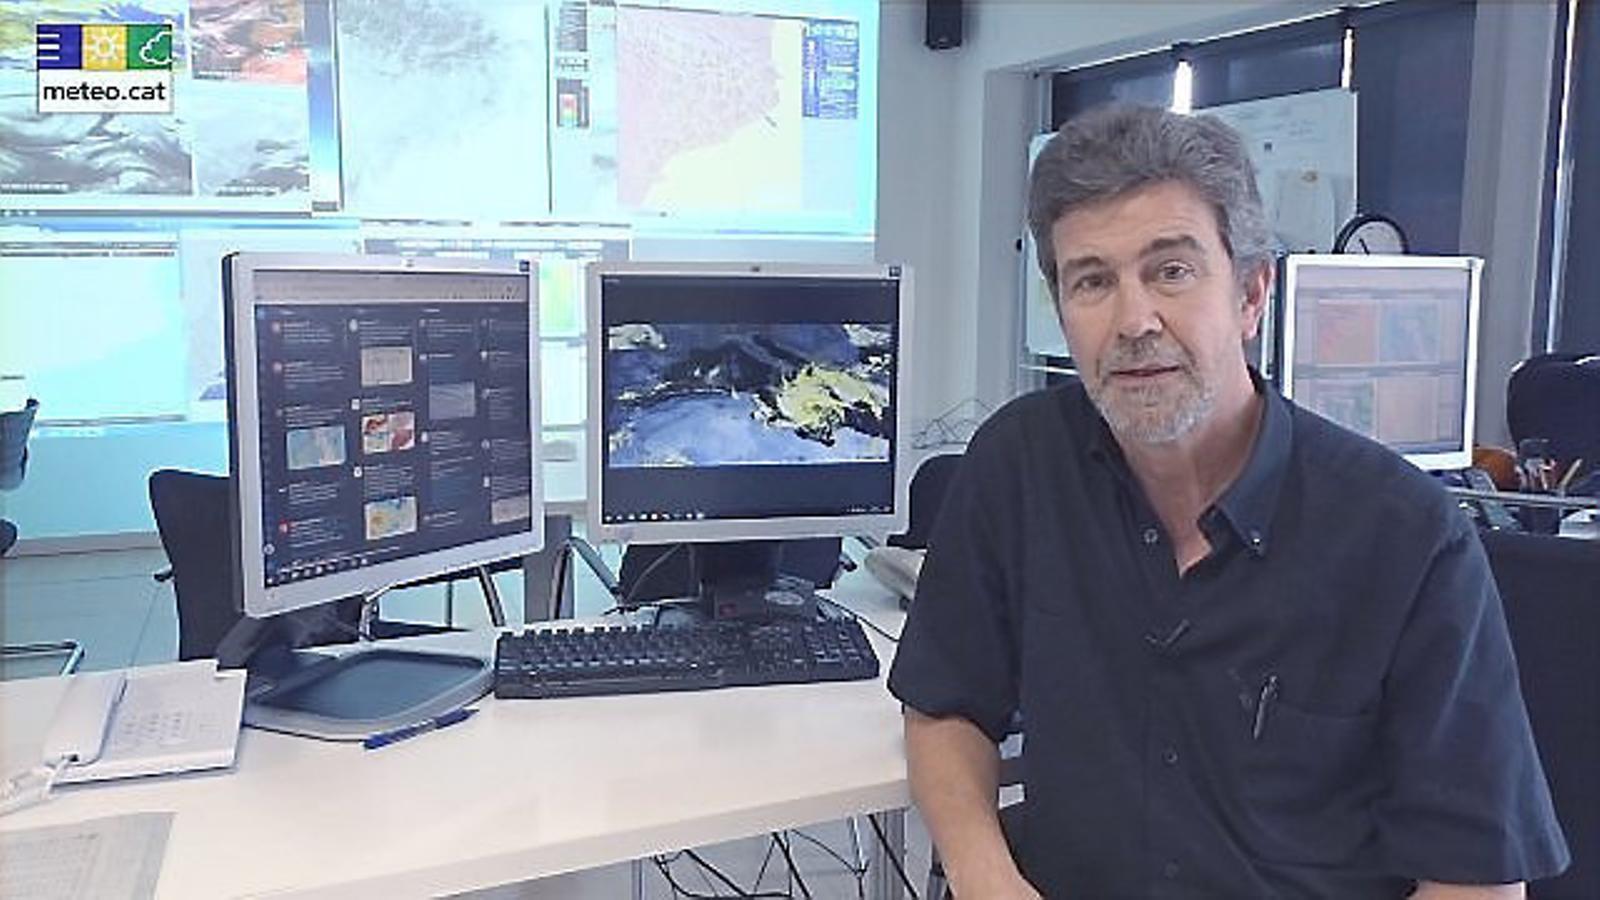 Territori recol·loca  Puig i nomena Vilaclara per al Meteocat